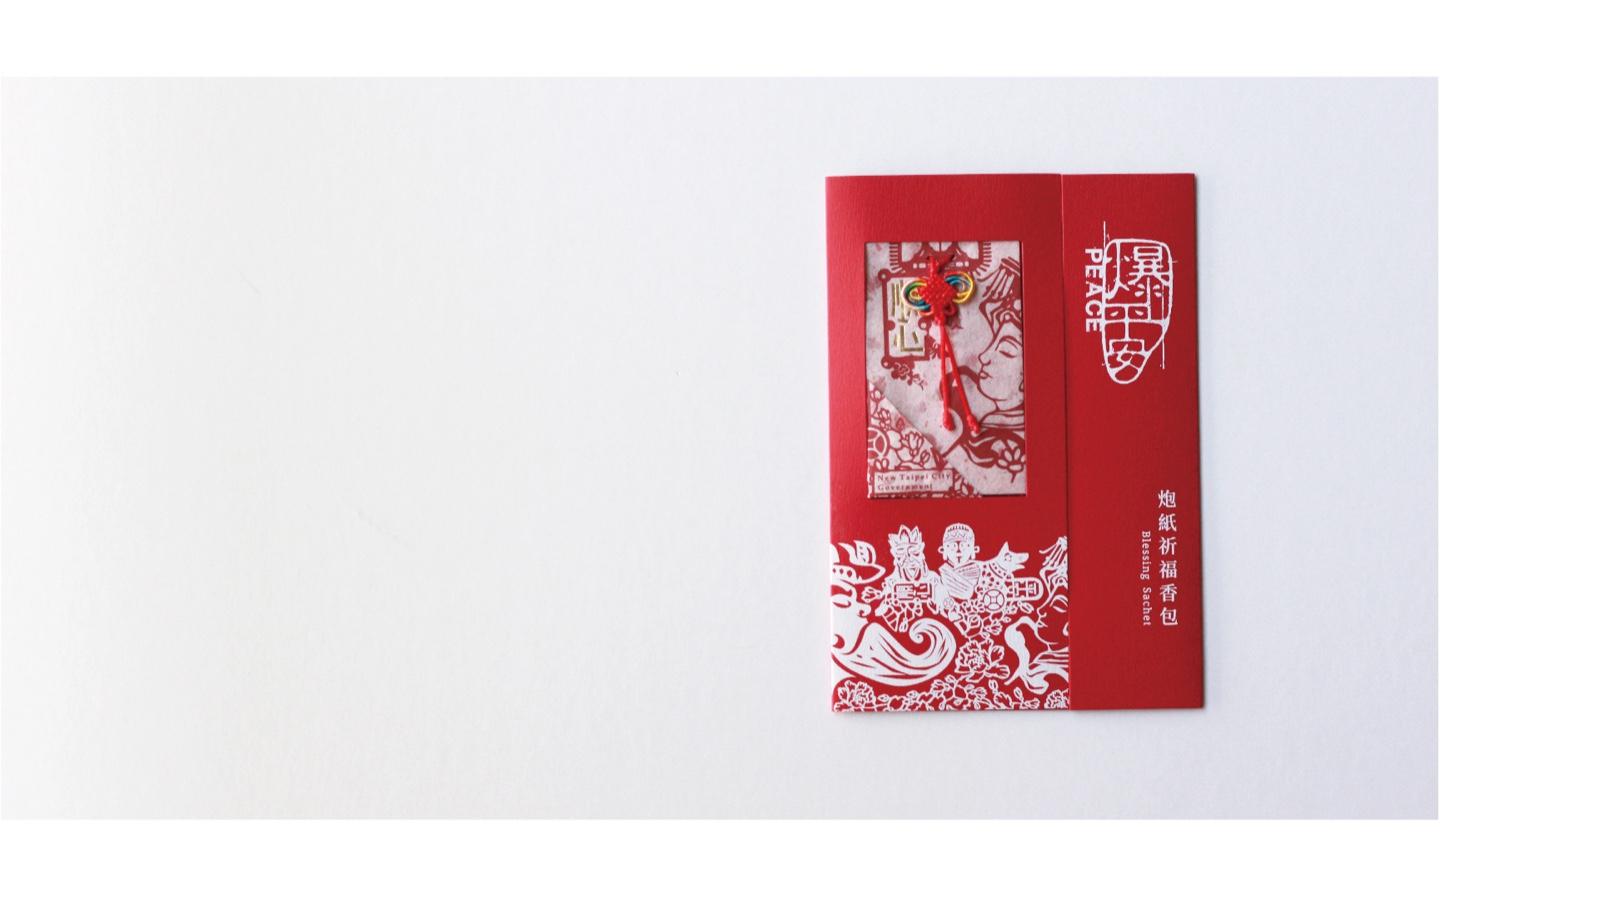 爆平安 炮紙祈福香包 為使更多人暸解台灣習俗,同時結合環保趨勢, 新北市的青年藝術家發揮創意,將原本被丟棄的炮屑紙, 回收製成祈福香包。  | 甘樂文創 | 甘之如飴,樂在其中